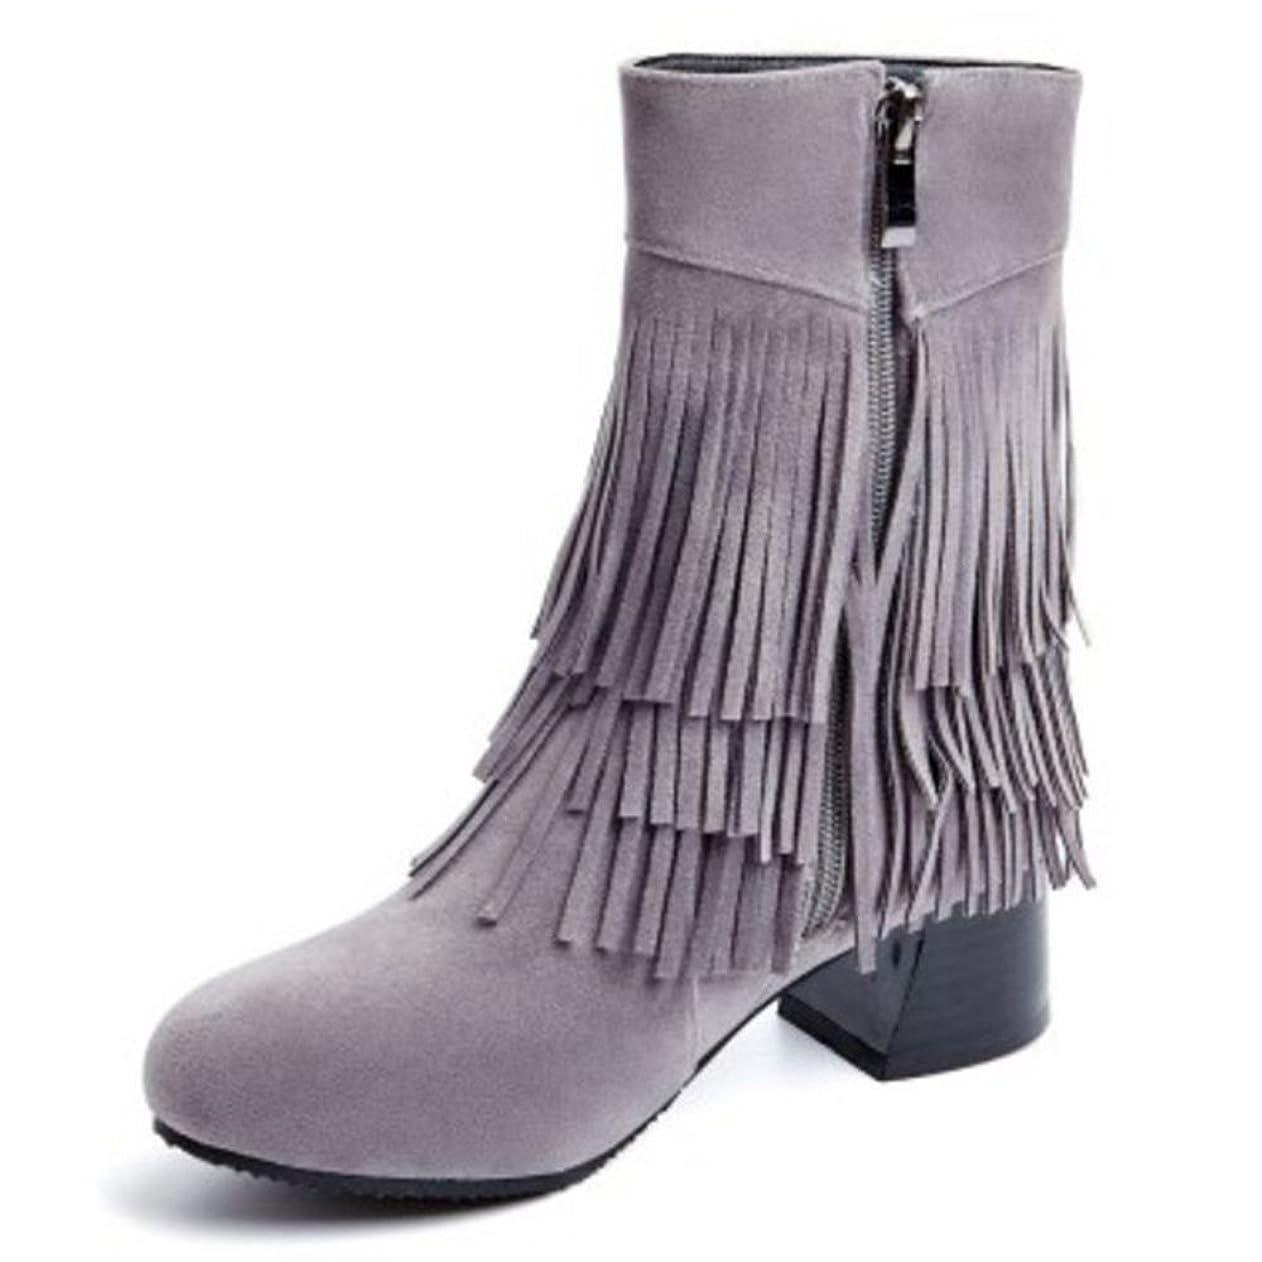 視線毛皮尊敬する[FANIMILA] レディース クラシック フリンジ ブーツ サイドジップ 太ヒール ショートブーツ